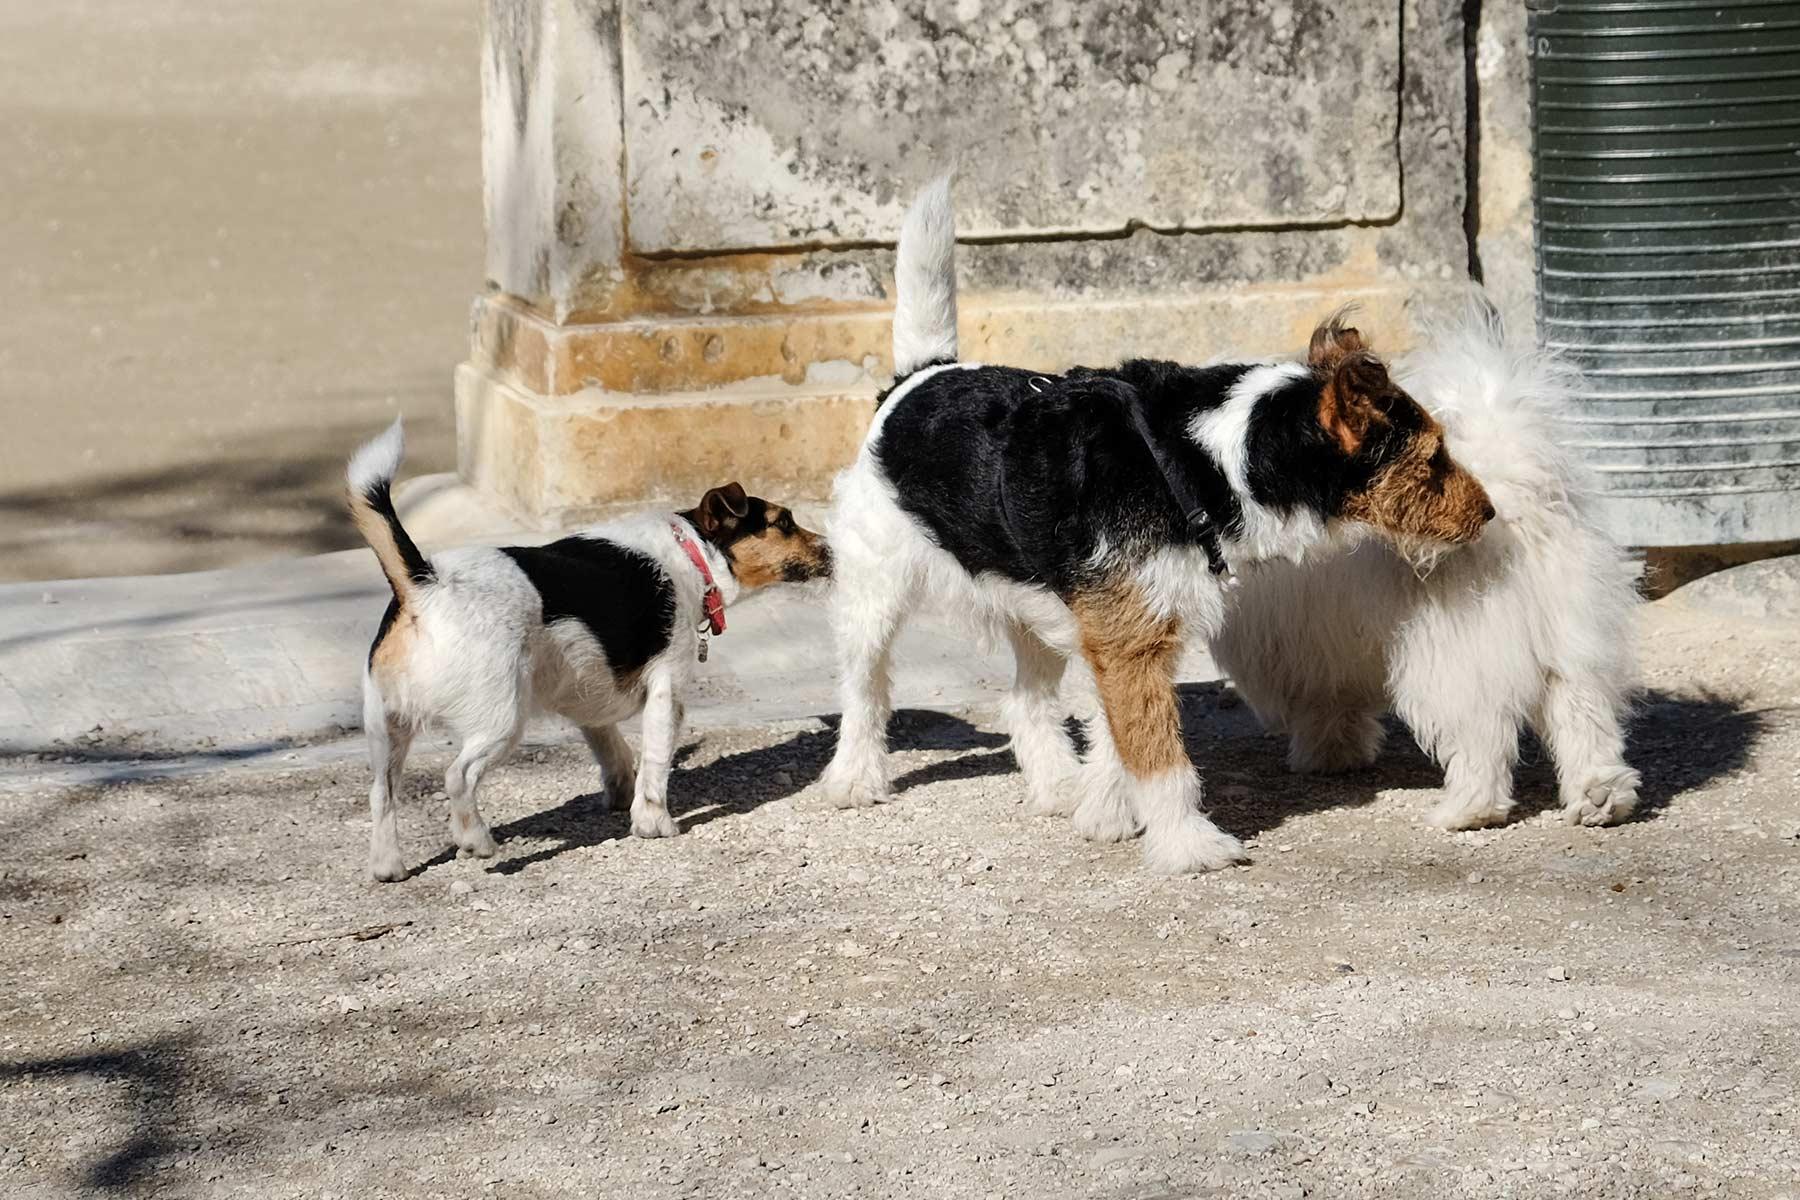 Drei Hunde im Jardin de la Fontaine in Nîmes, Frankreich